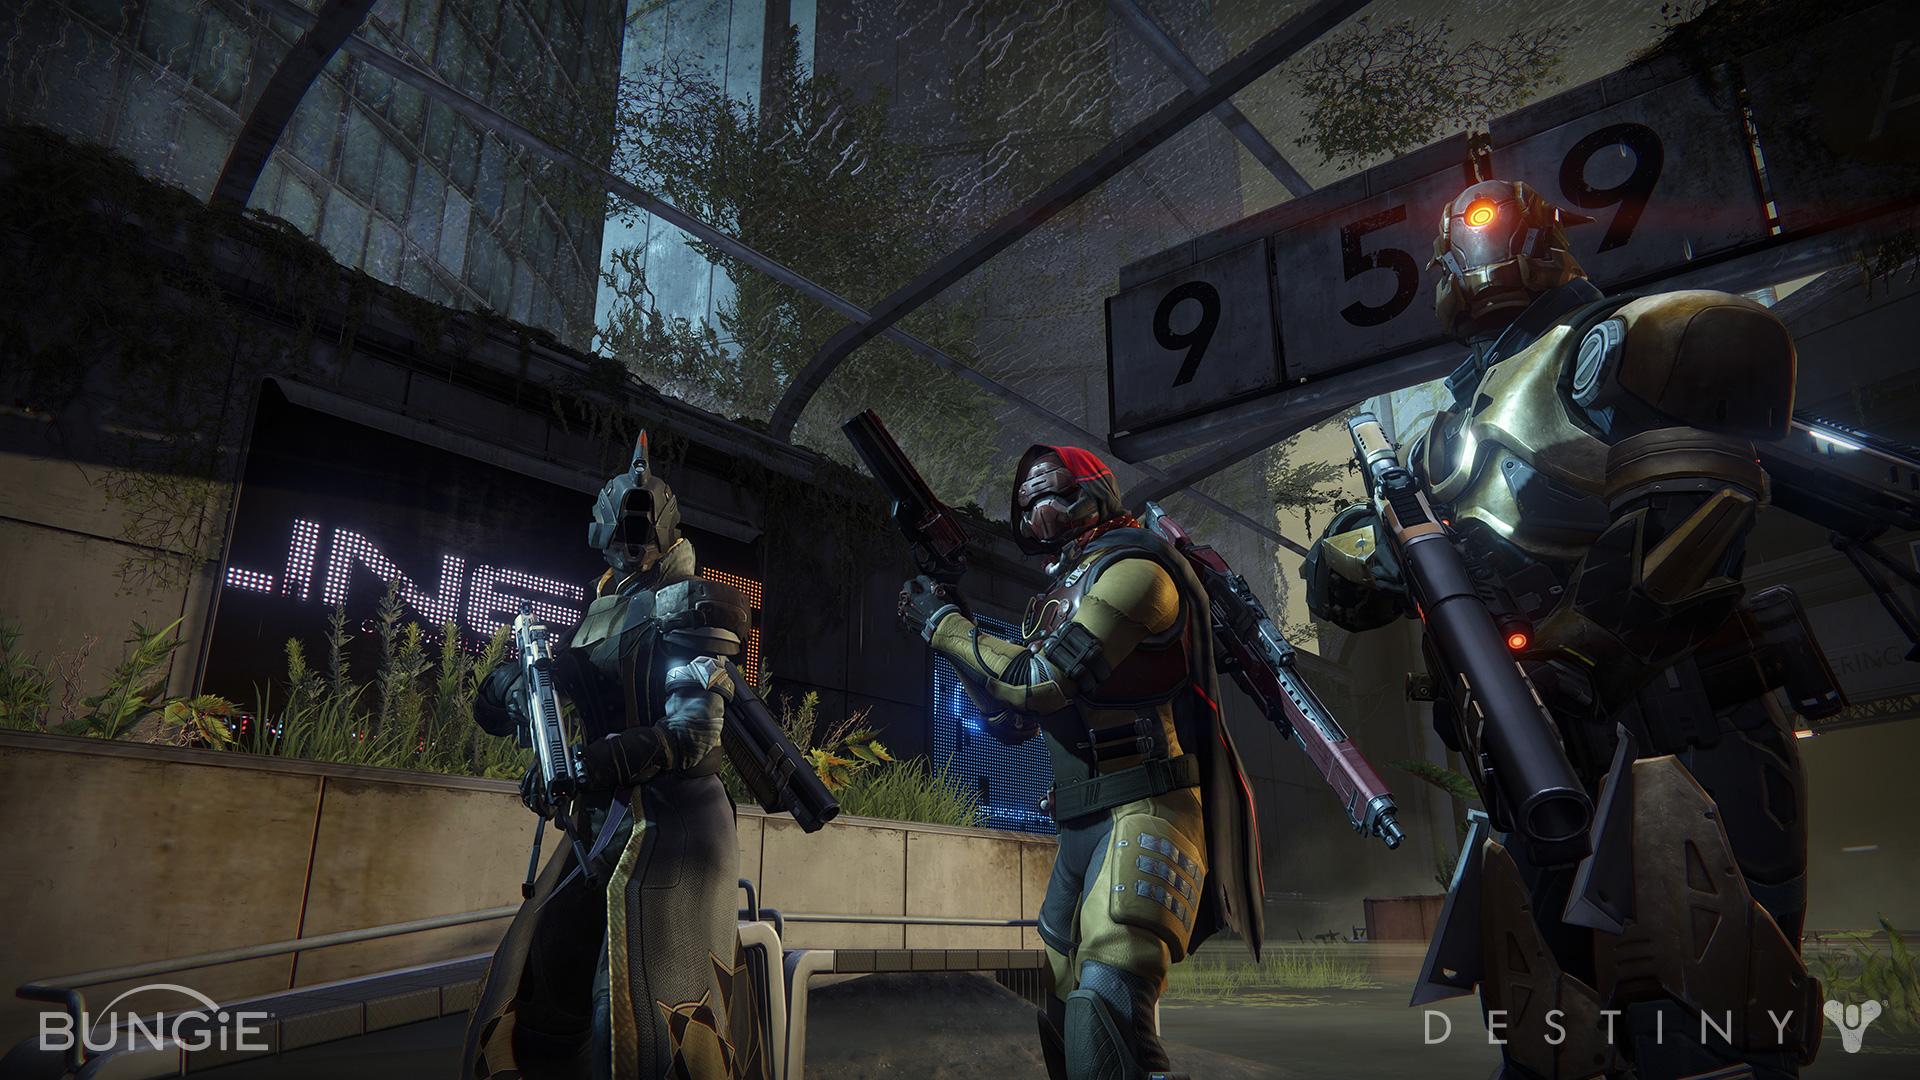 Destiny na dvou nových screenshotech 93077